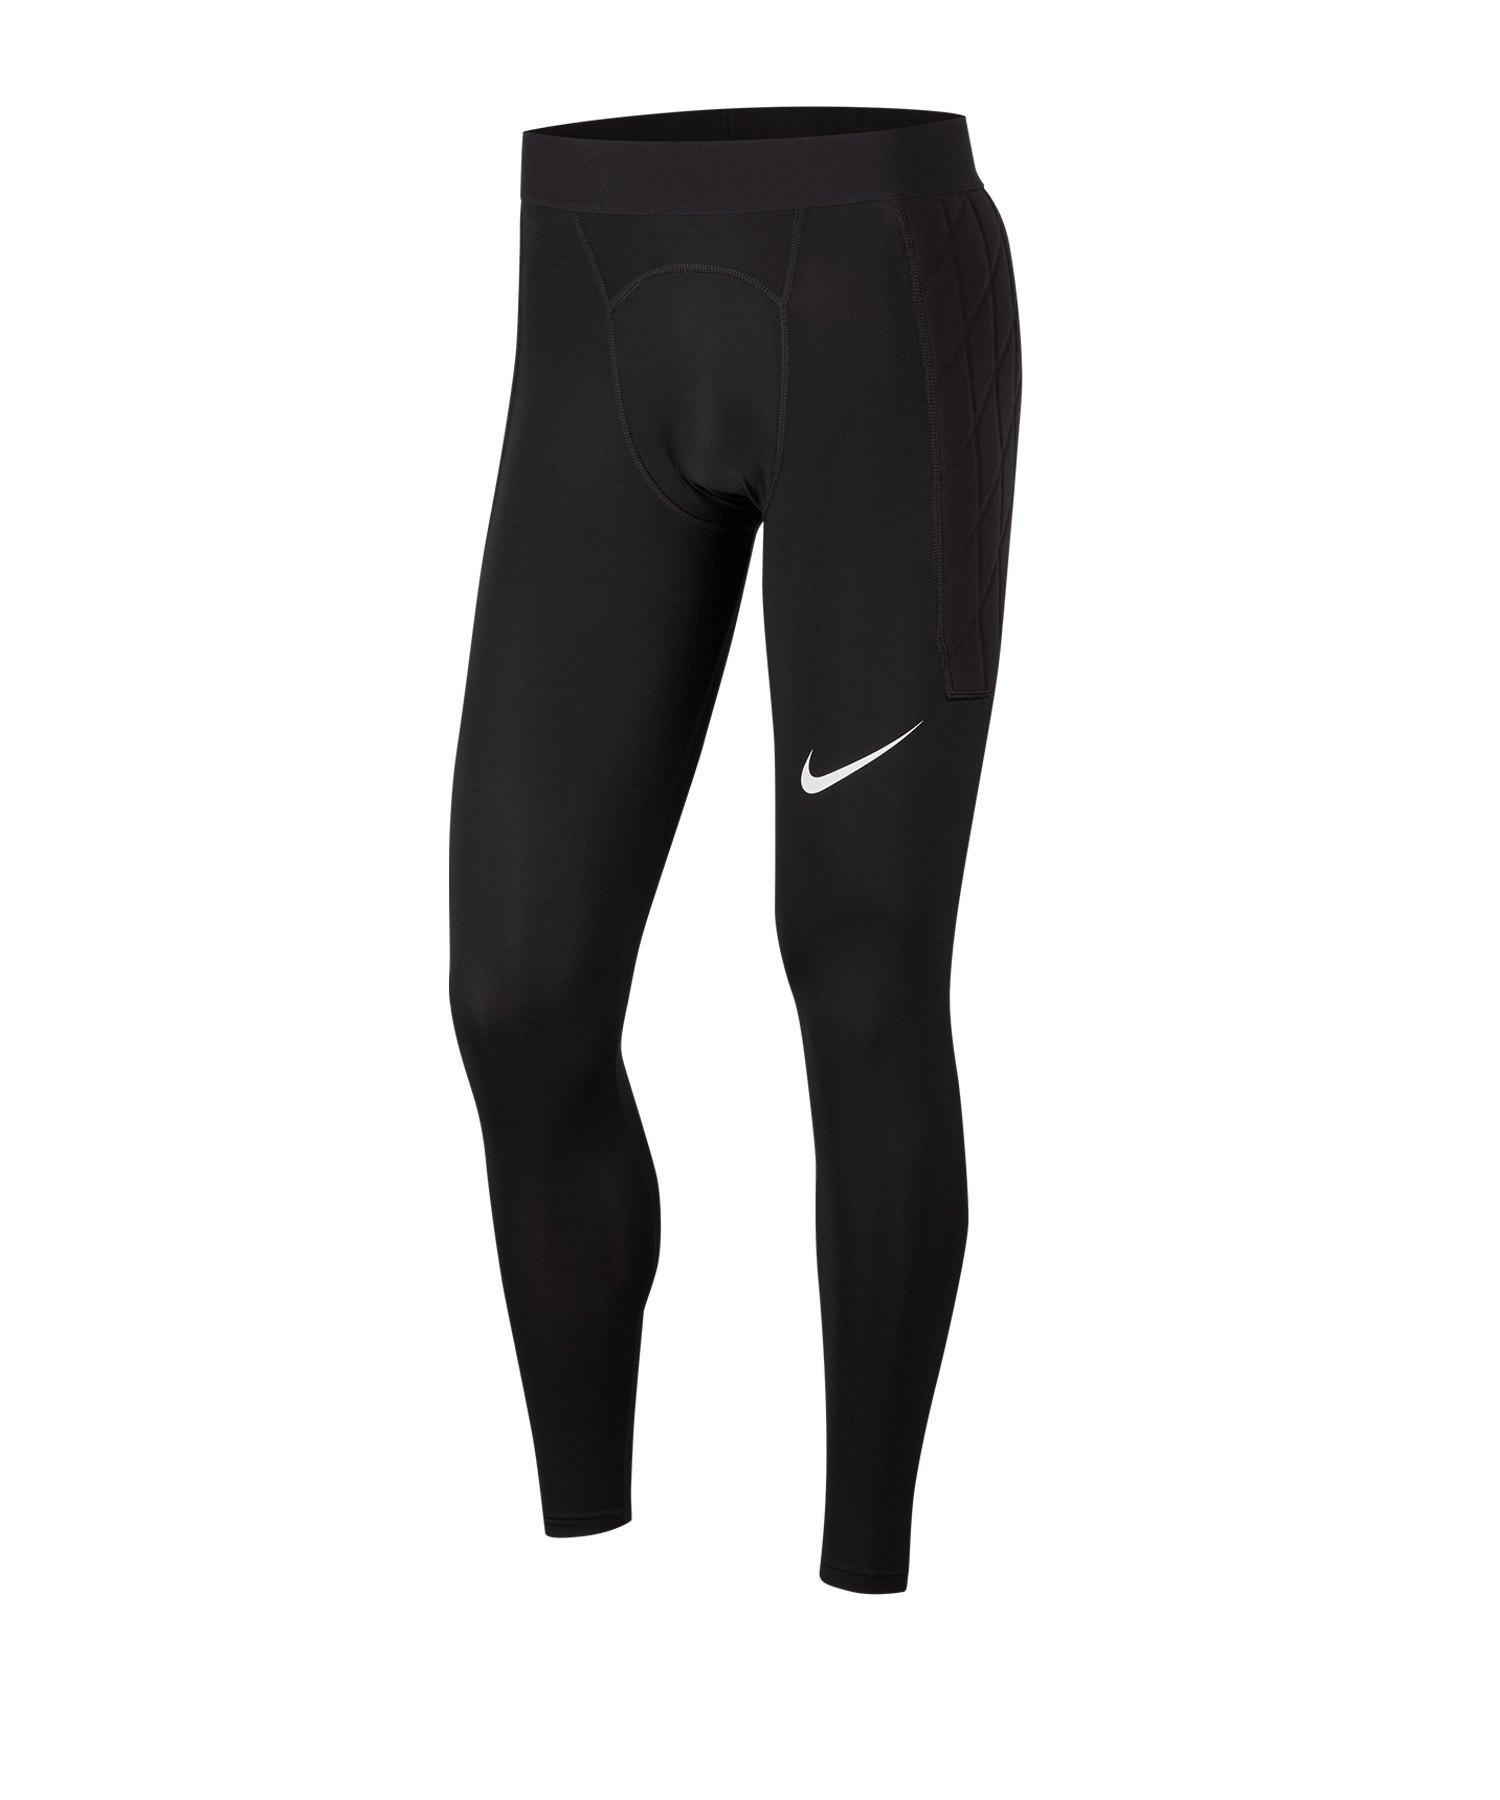 Nike Gardien Tight Torwarthose F010 - schwarz